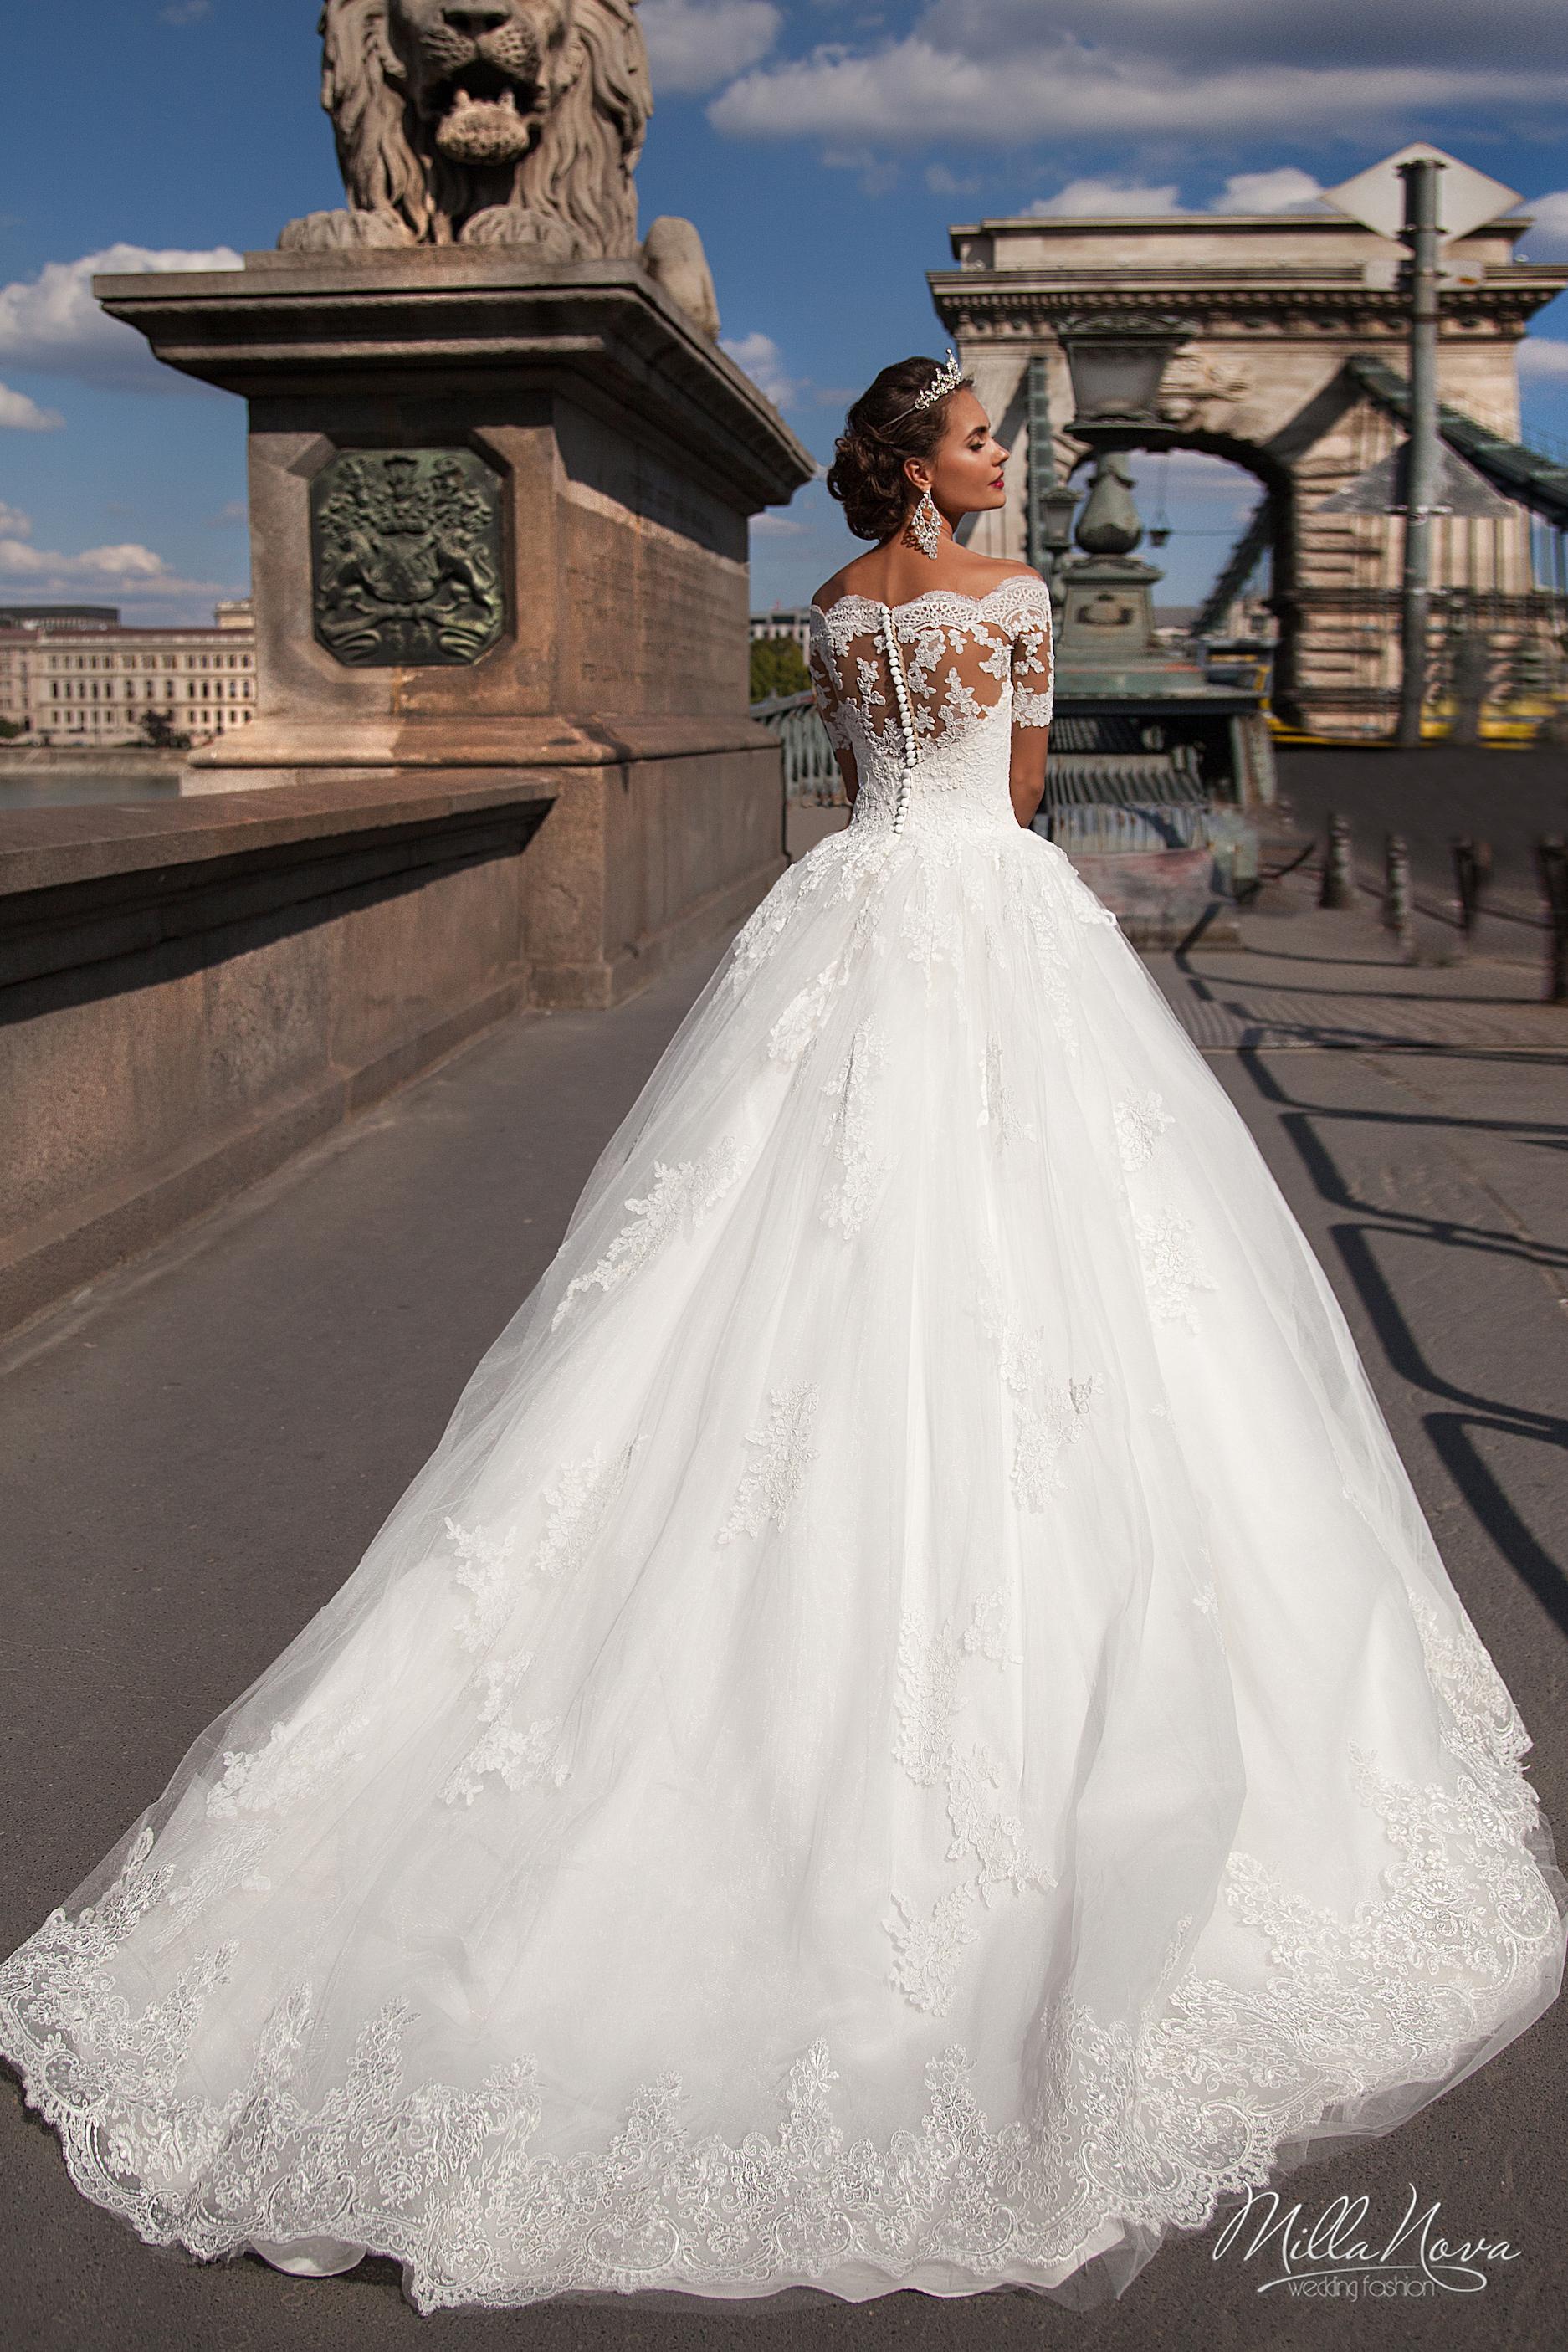 Millanova francheska abiti da sposa il giardino della sposa - Il giardino della sposa ...